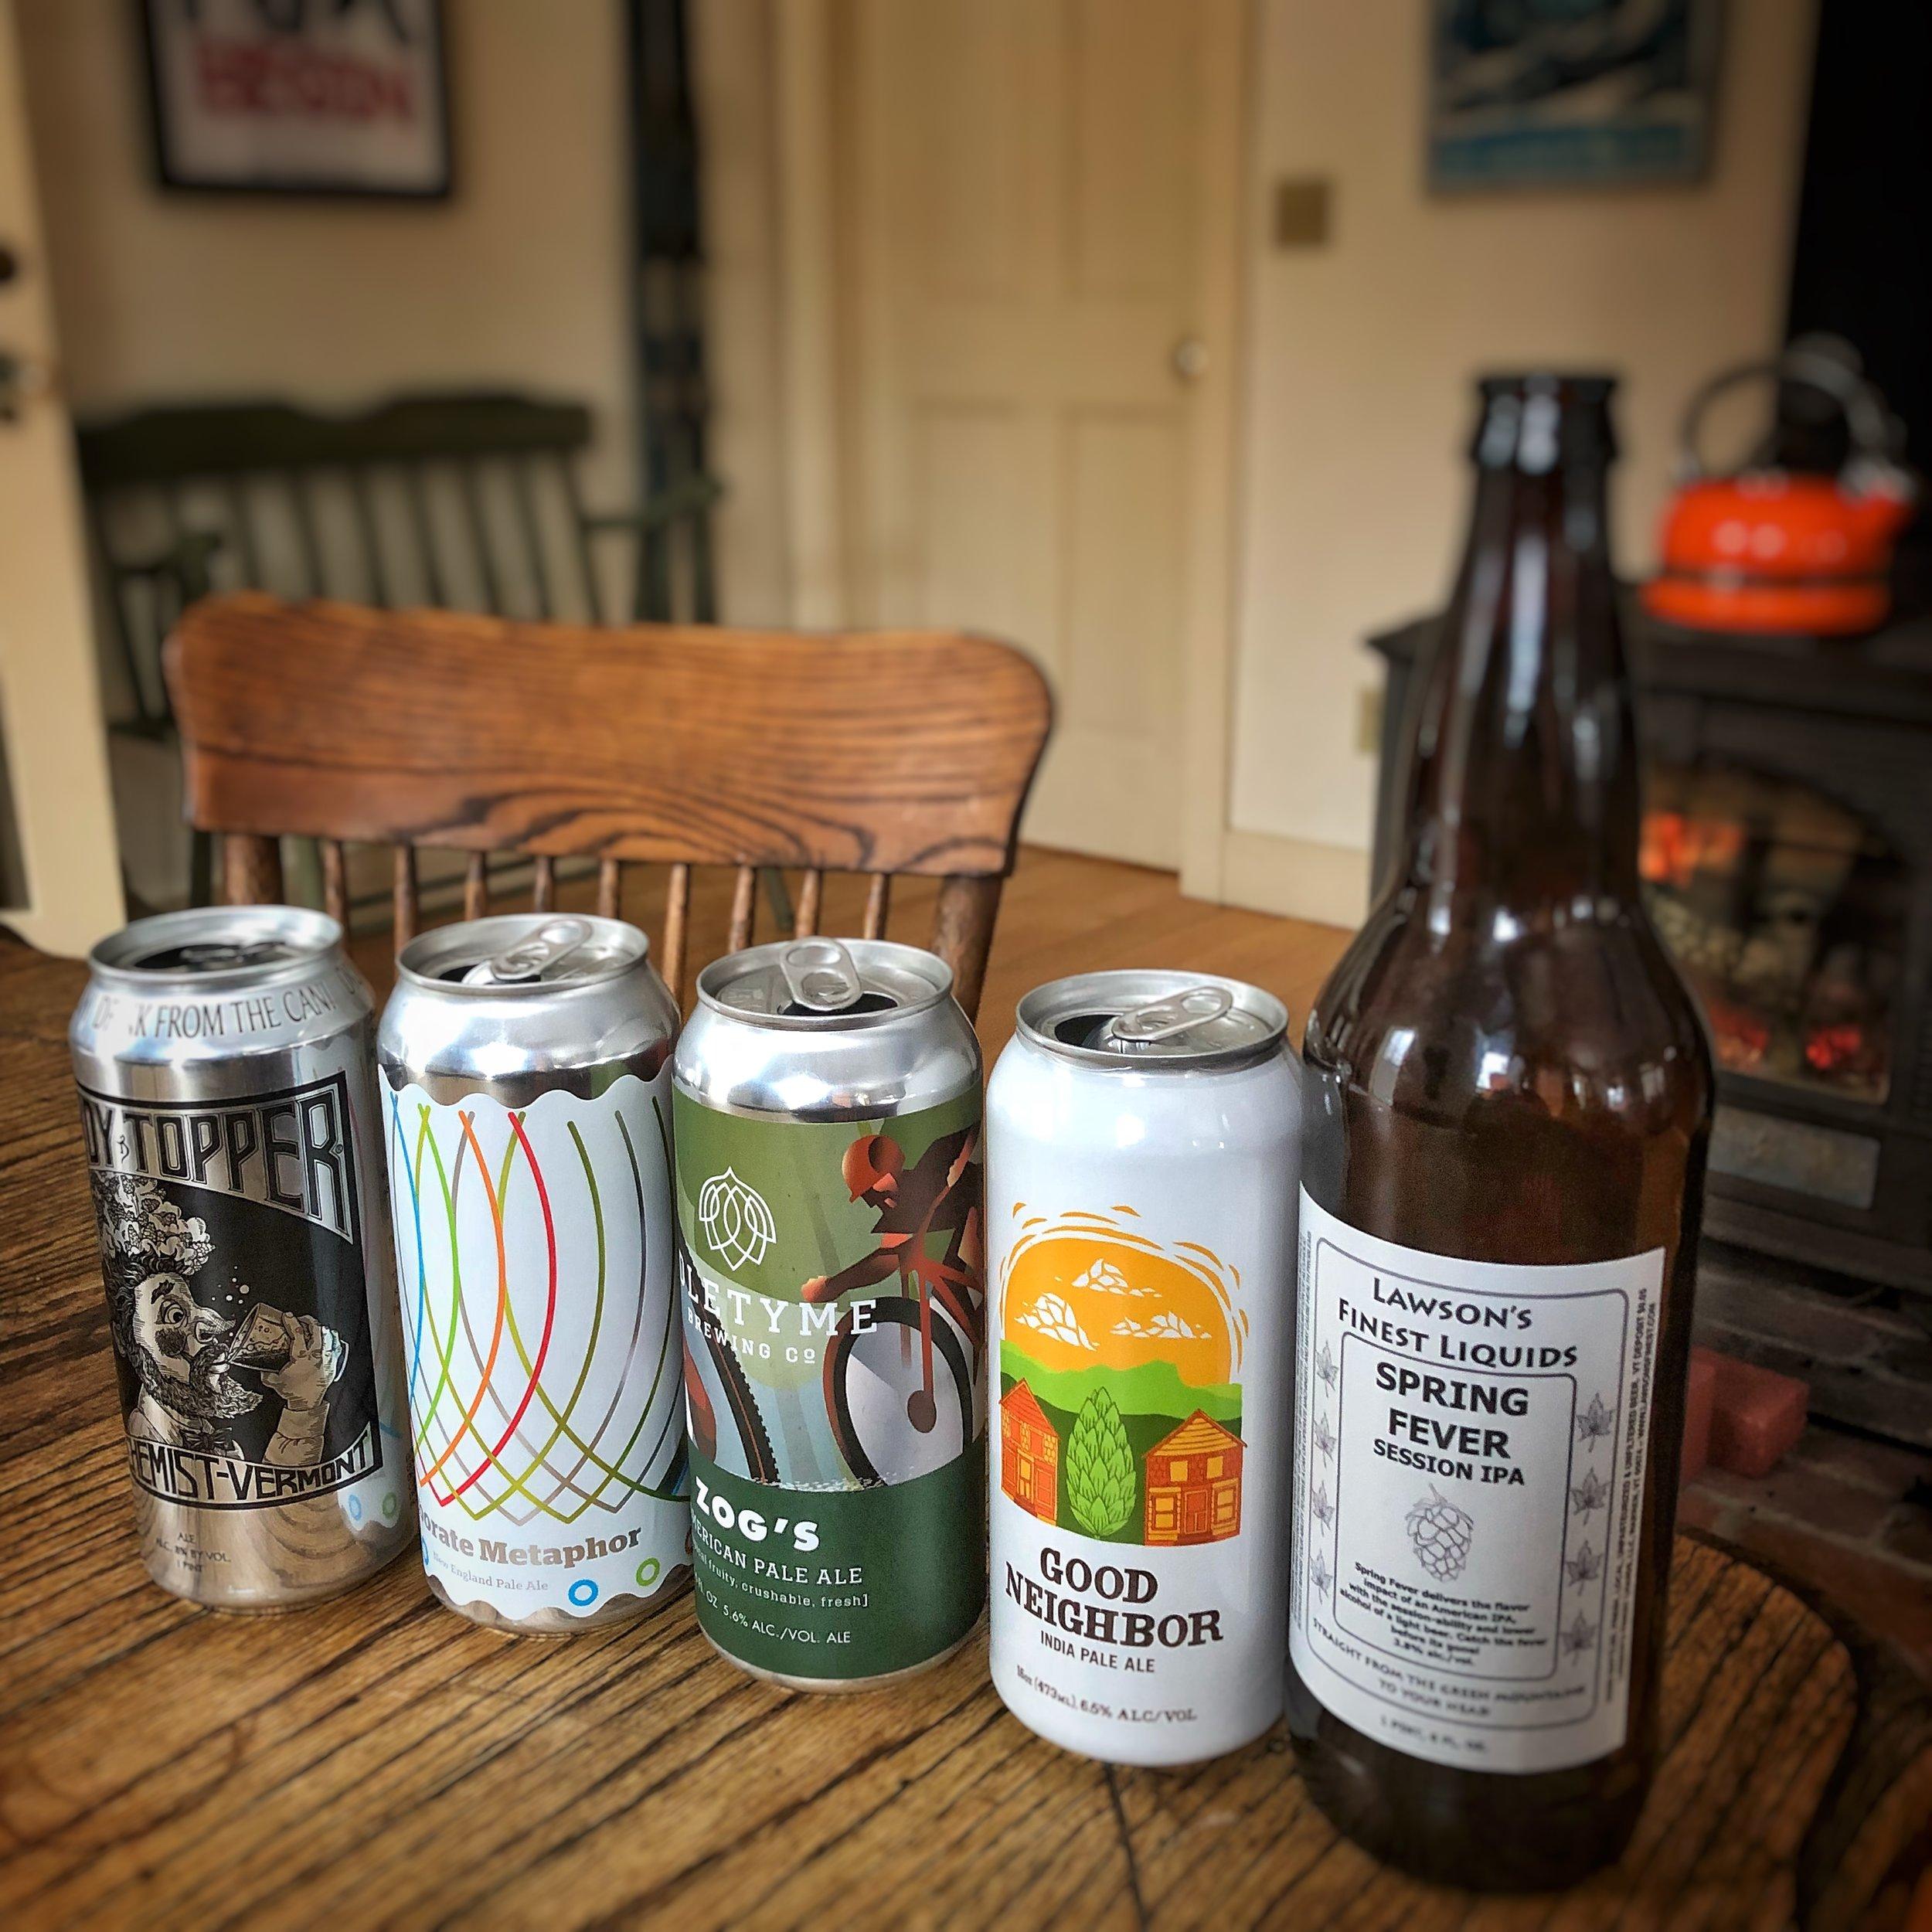 5 good reasons to visit Red Acre Cottage in April...beer, beer, beer, beer and beer.